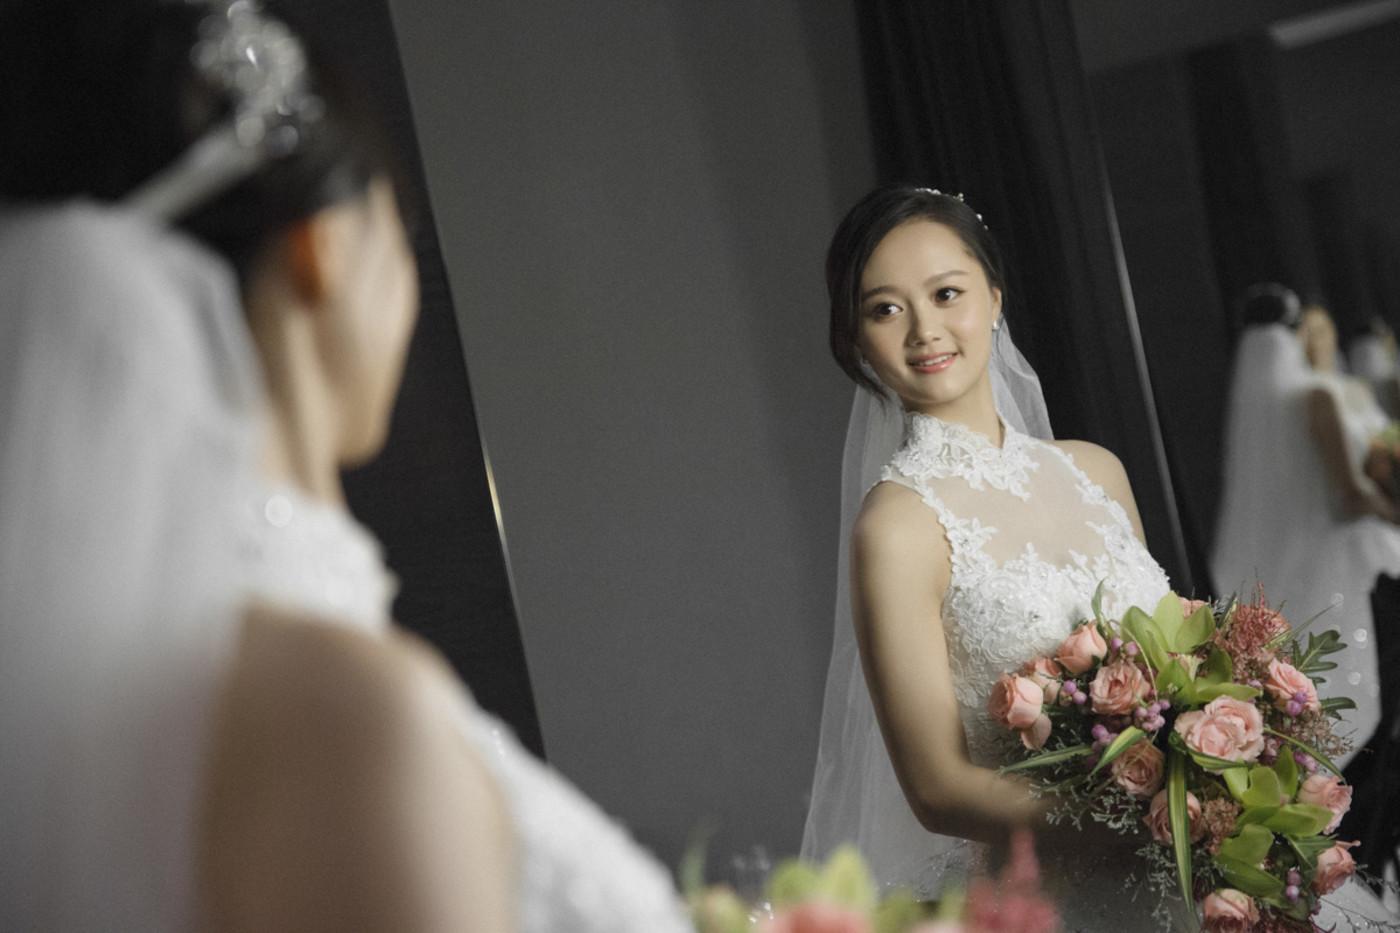 「KAI 婚礼纪实」一场来自宝岛台湾的婚礼28